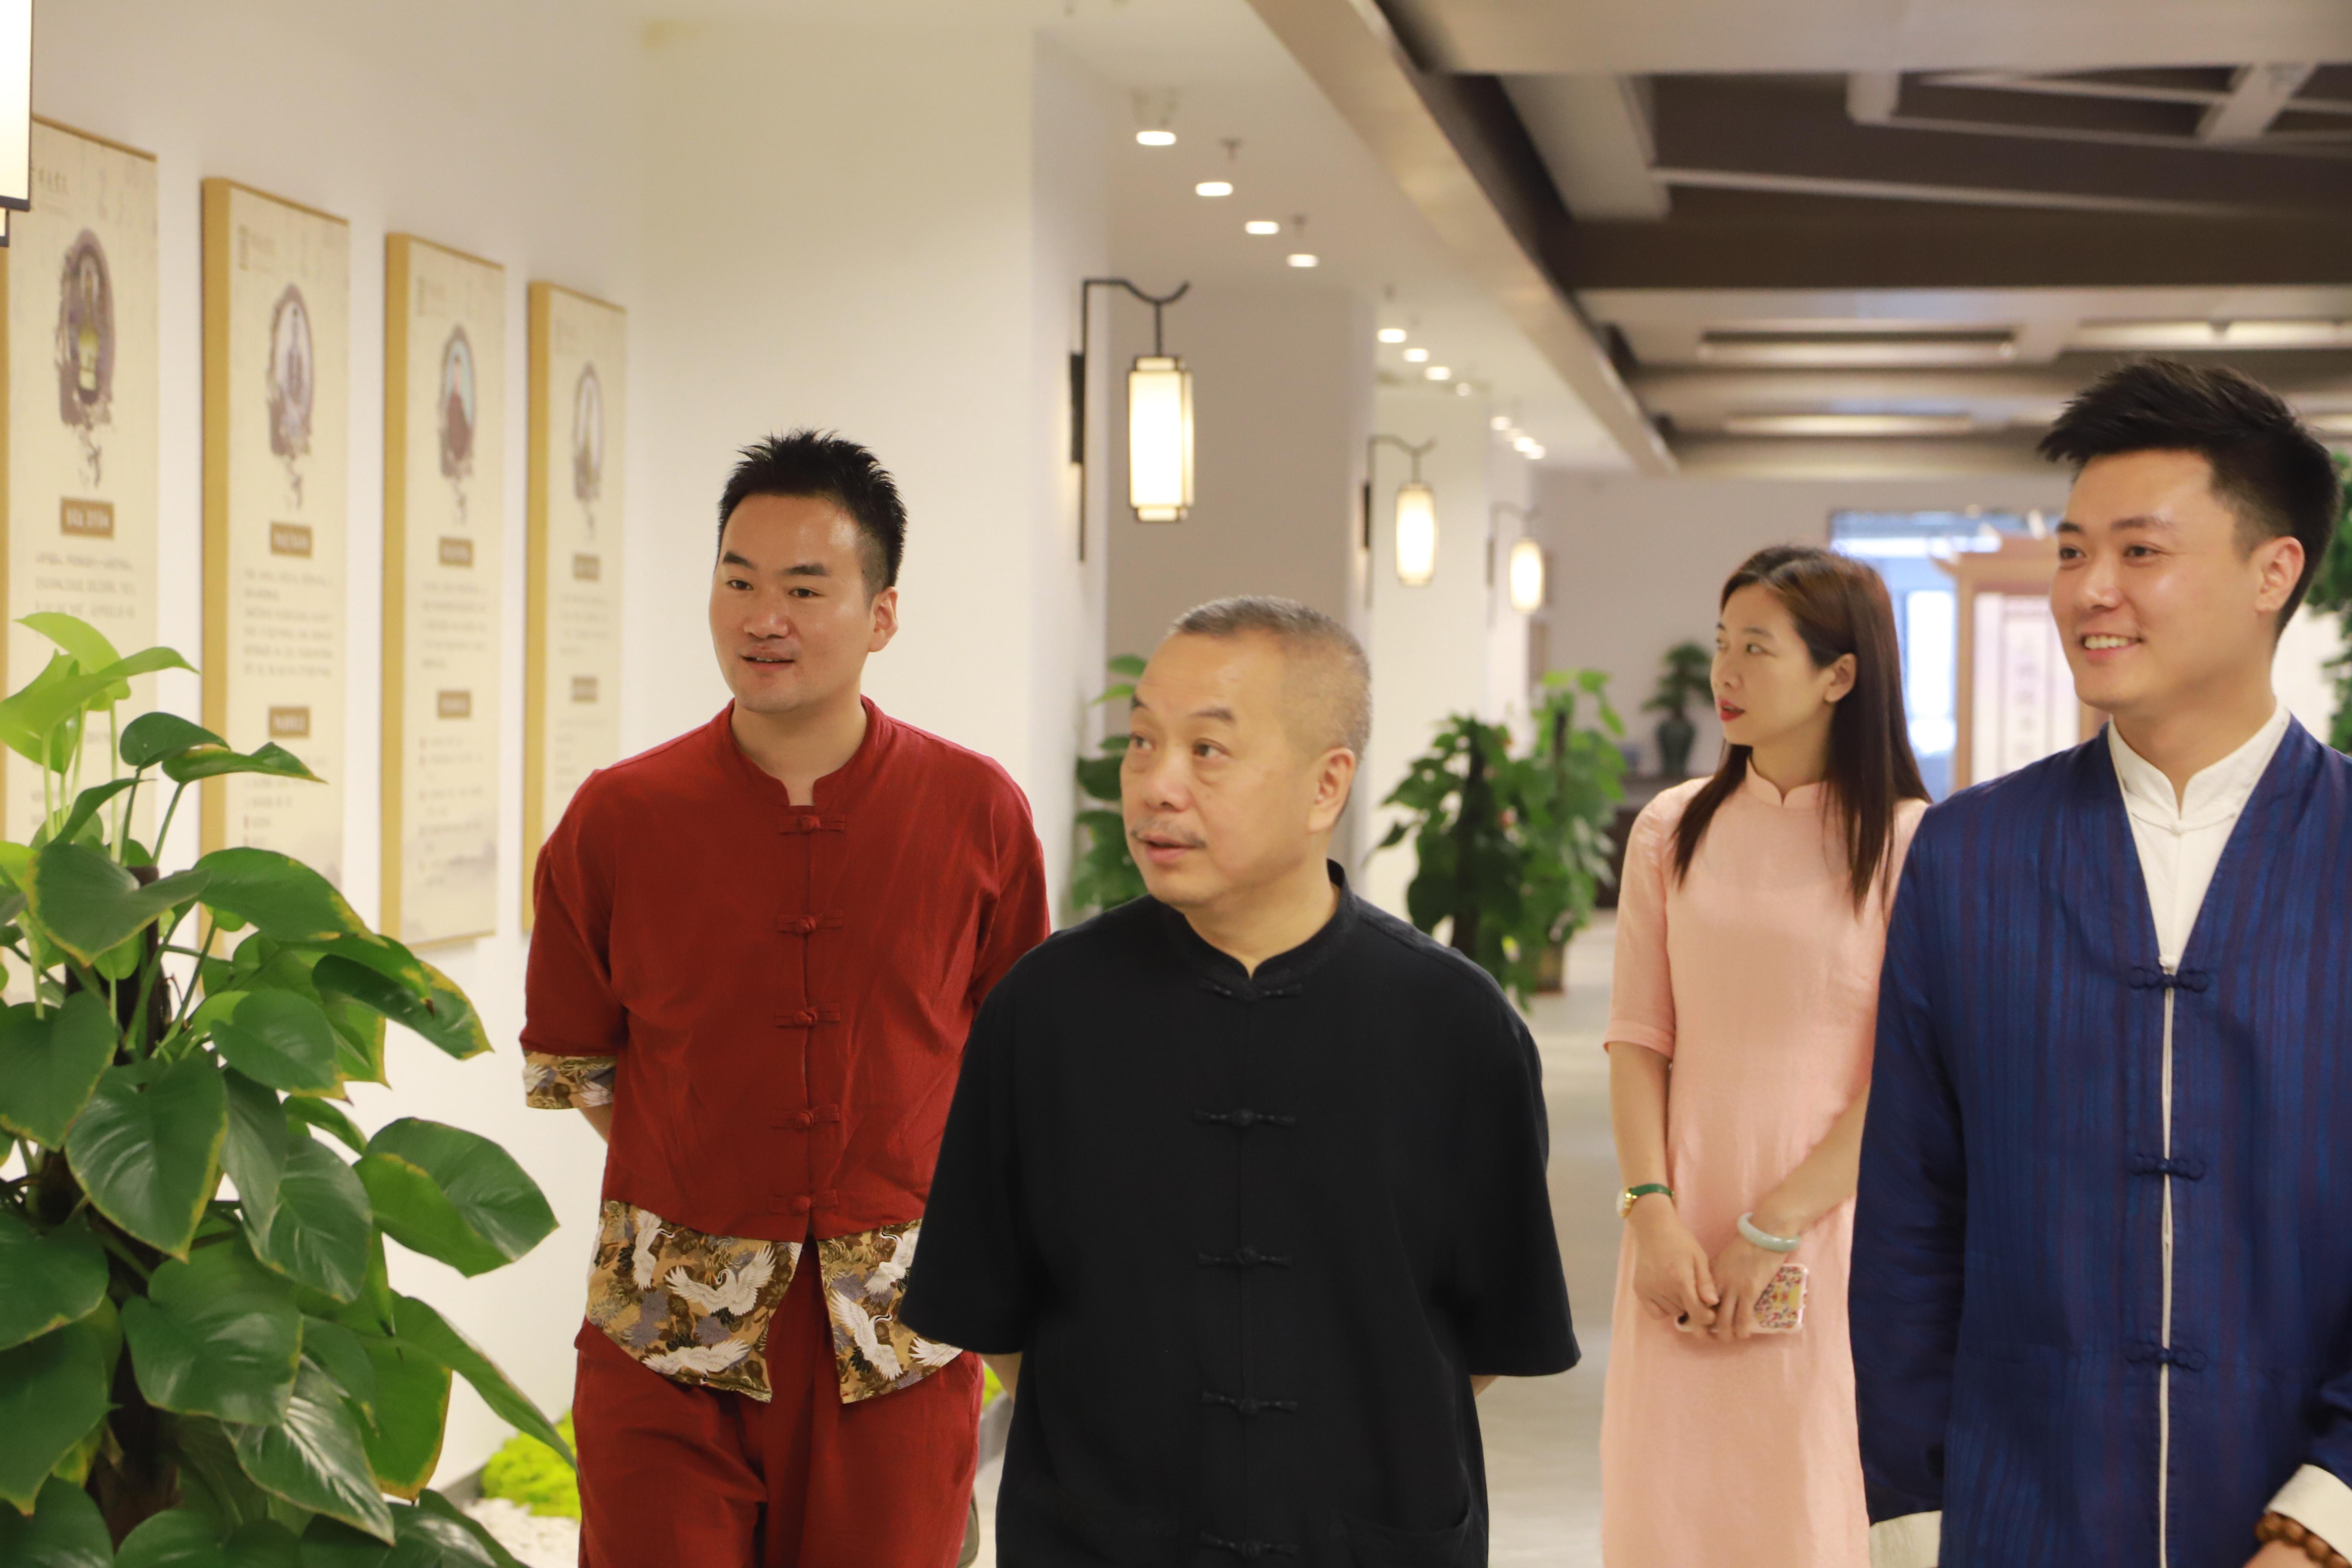 深圳关山月美术馆馆长陈湘波老师到访明德书院深圳国学馆